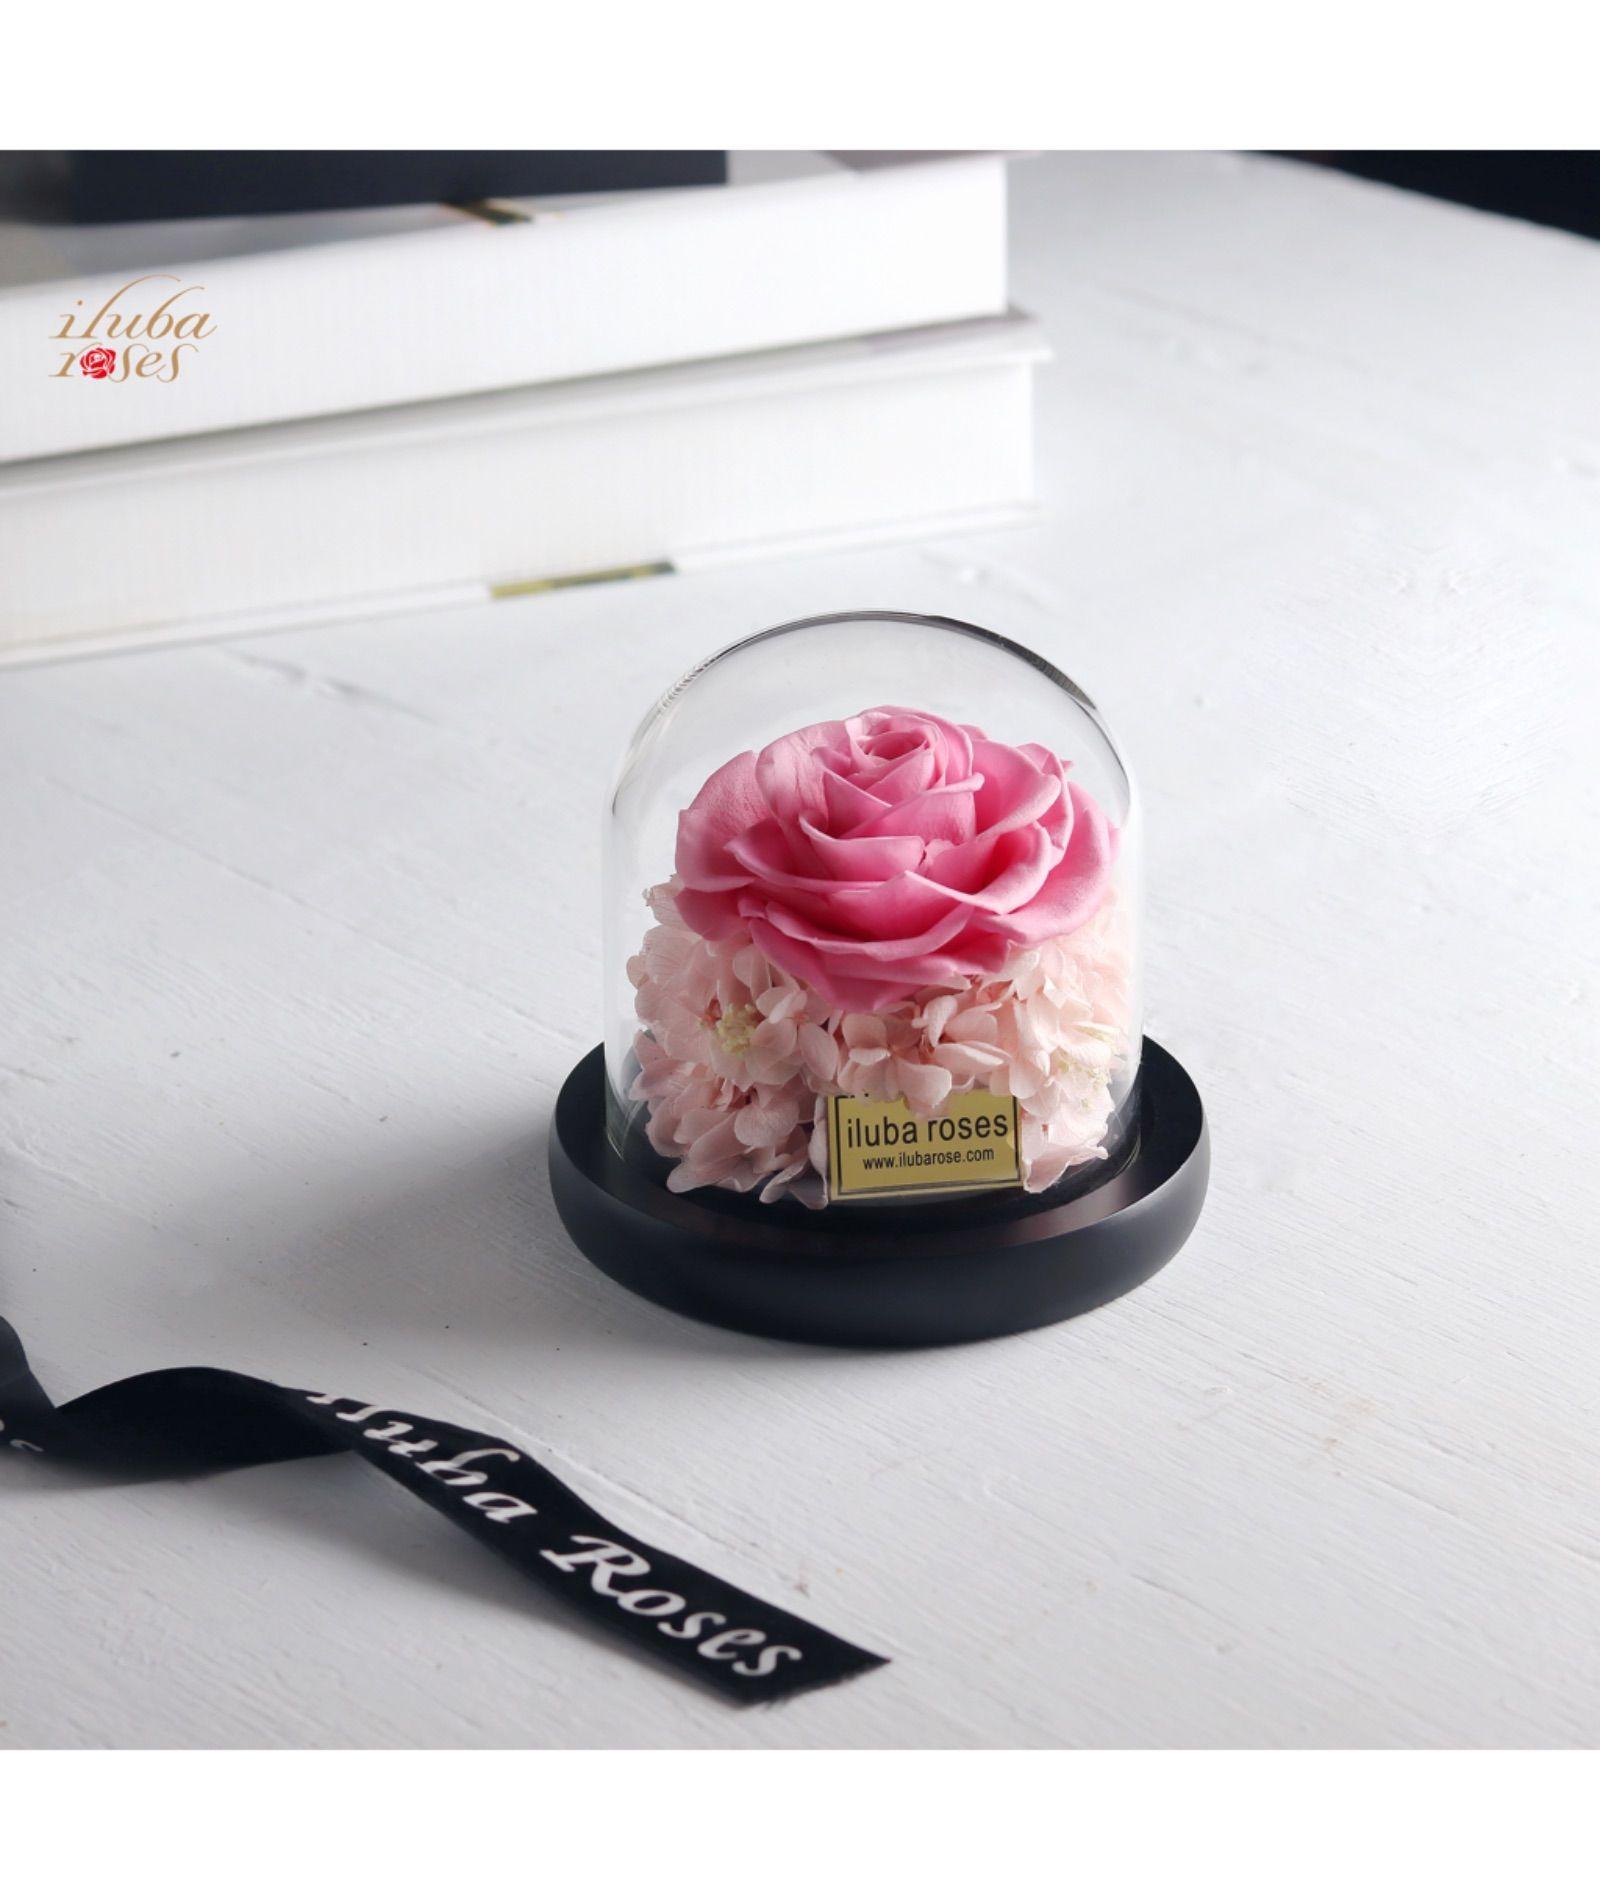 وردة ايلوبا روزز زهري دائمة داخل فازة زجاجية Crown Jewelry